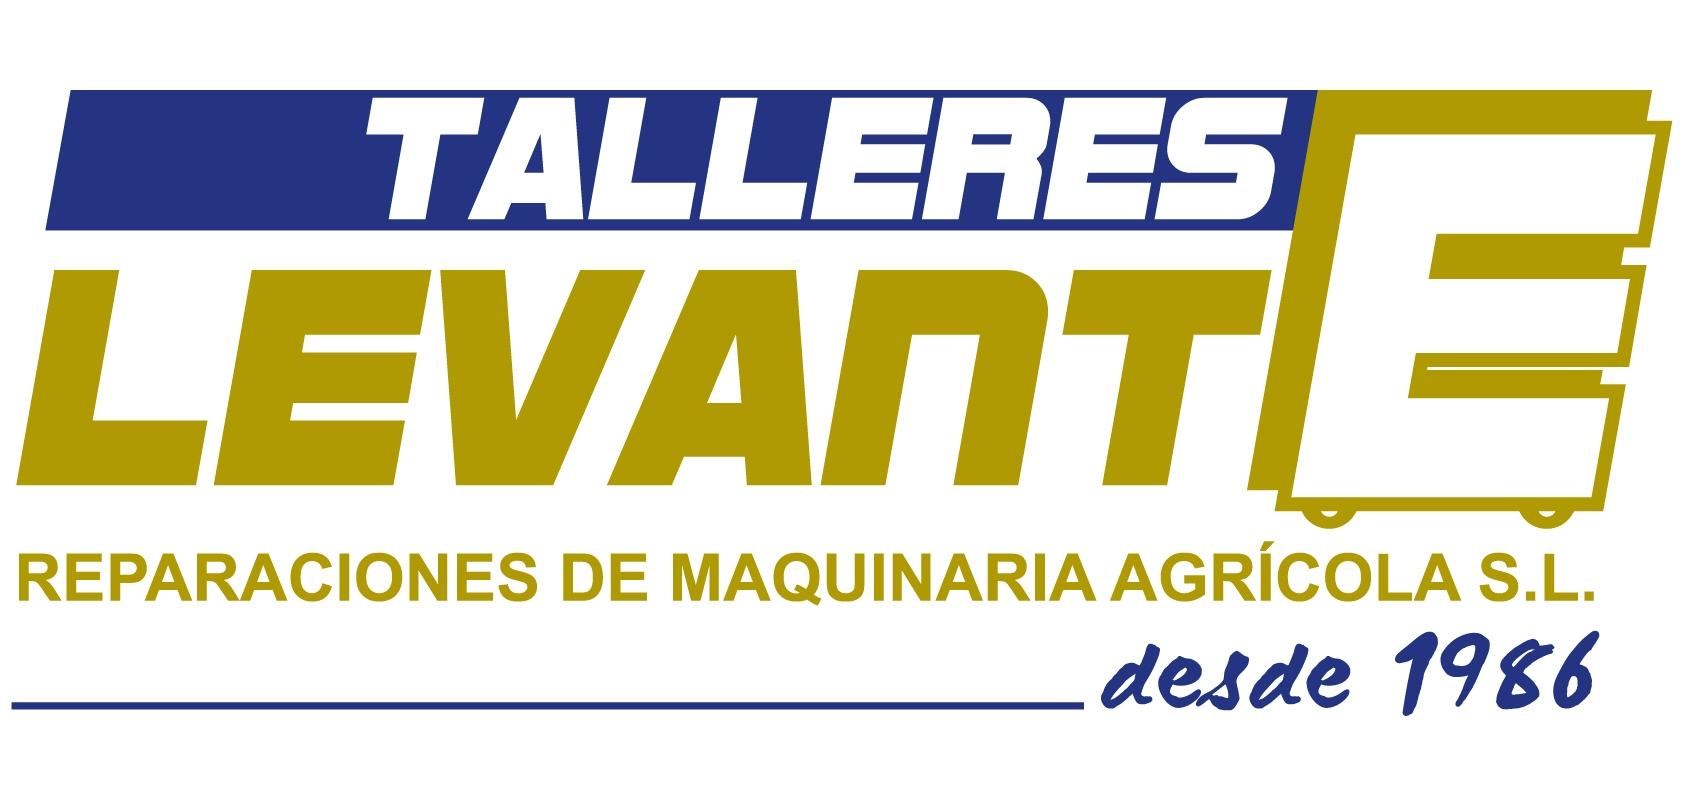 TALLERES LEVANTE REPARACIONES DE MAQUINARIA AGRÍCOLA S.L.